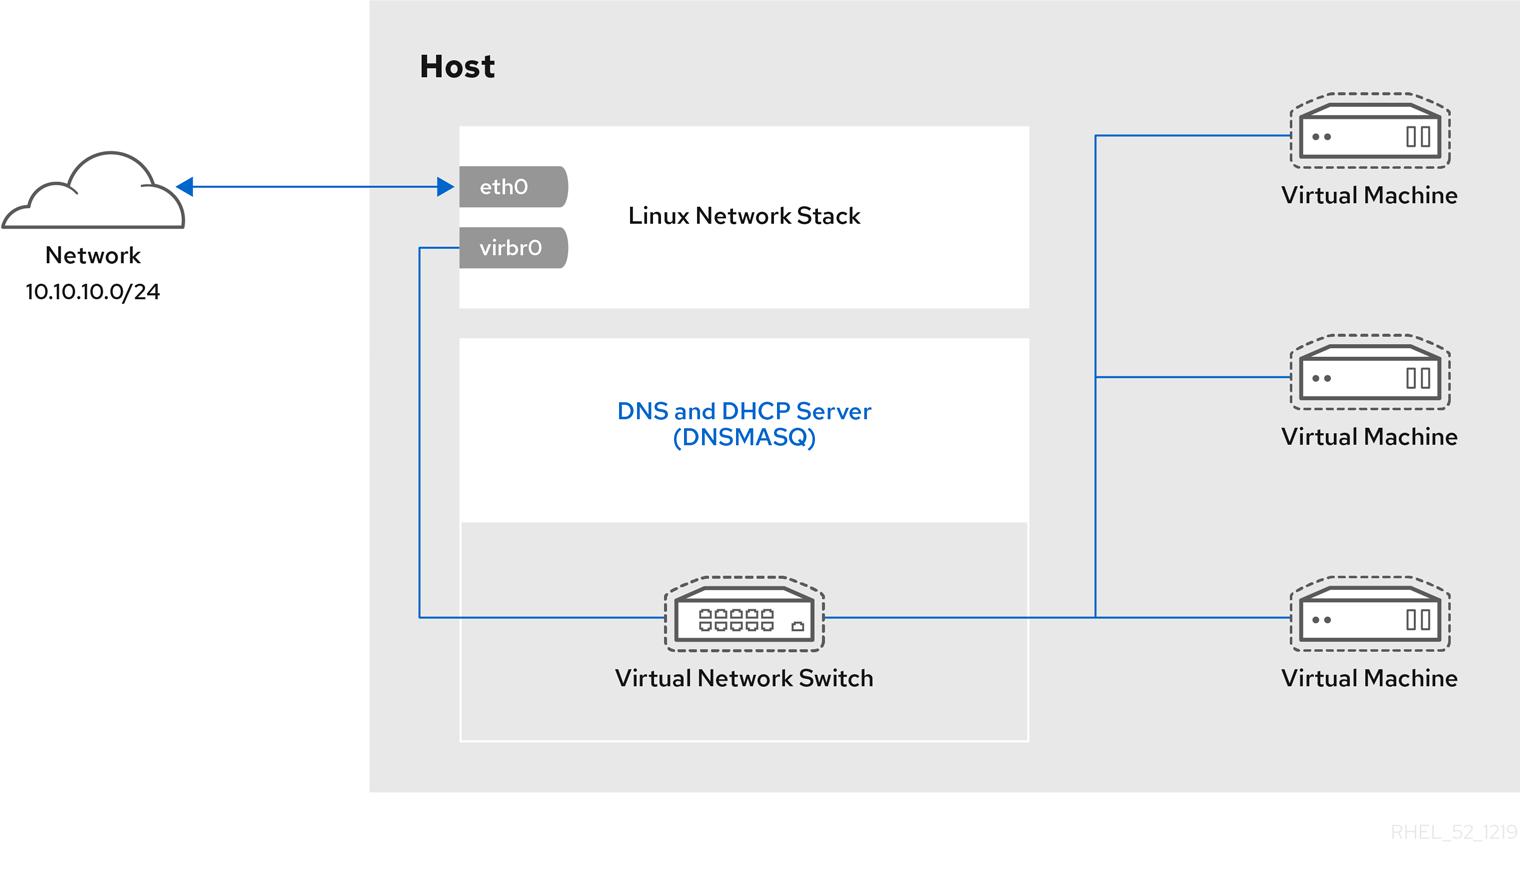 vn 08 ネットワークの概要